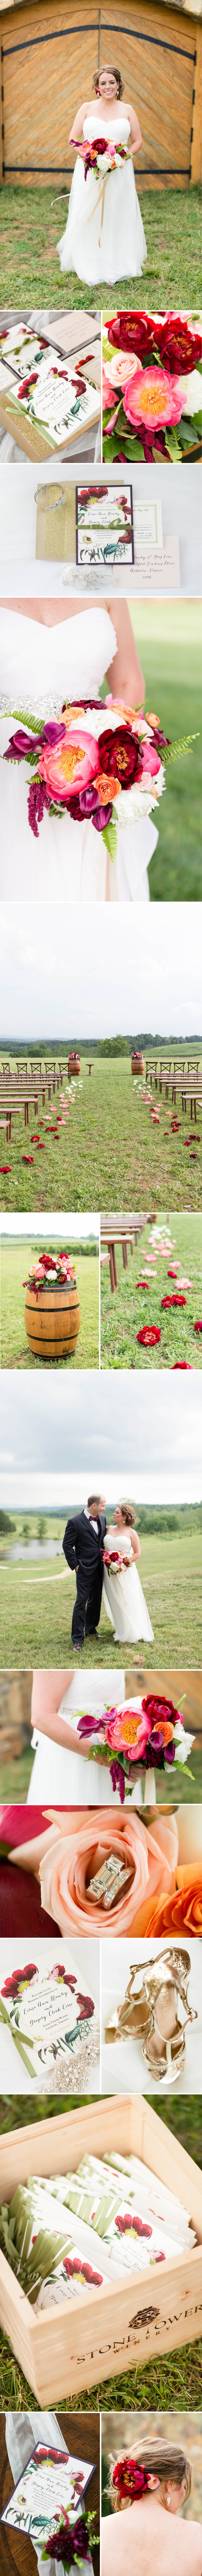 Boho Glam Winery Wedding